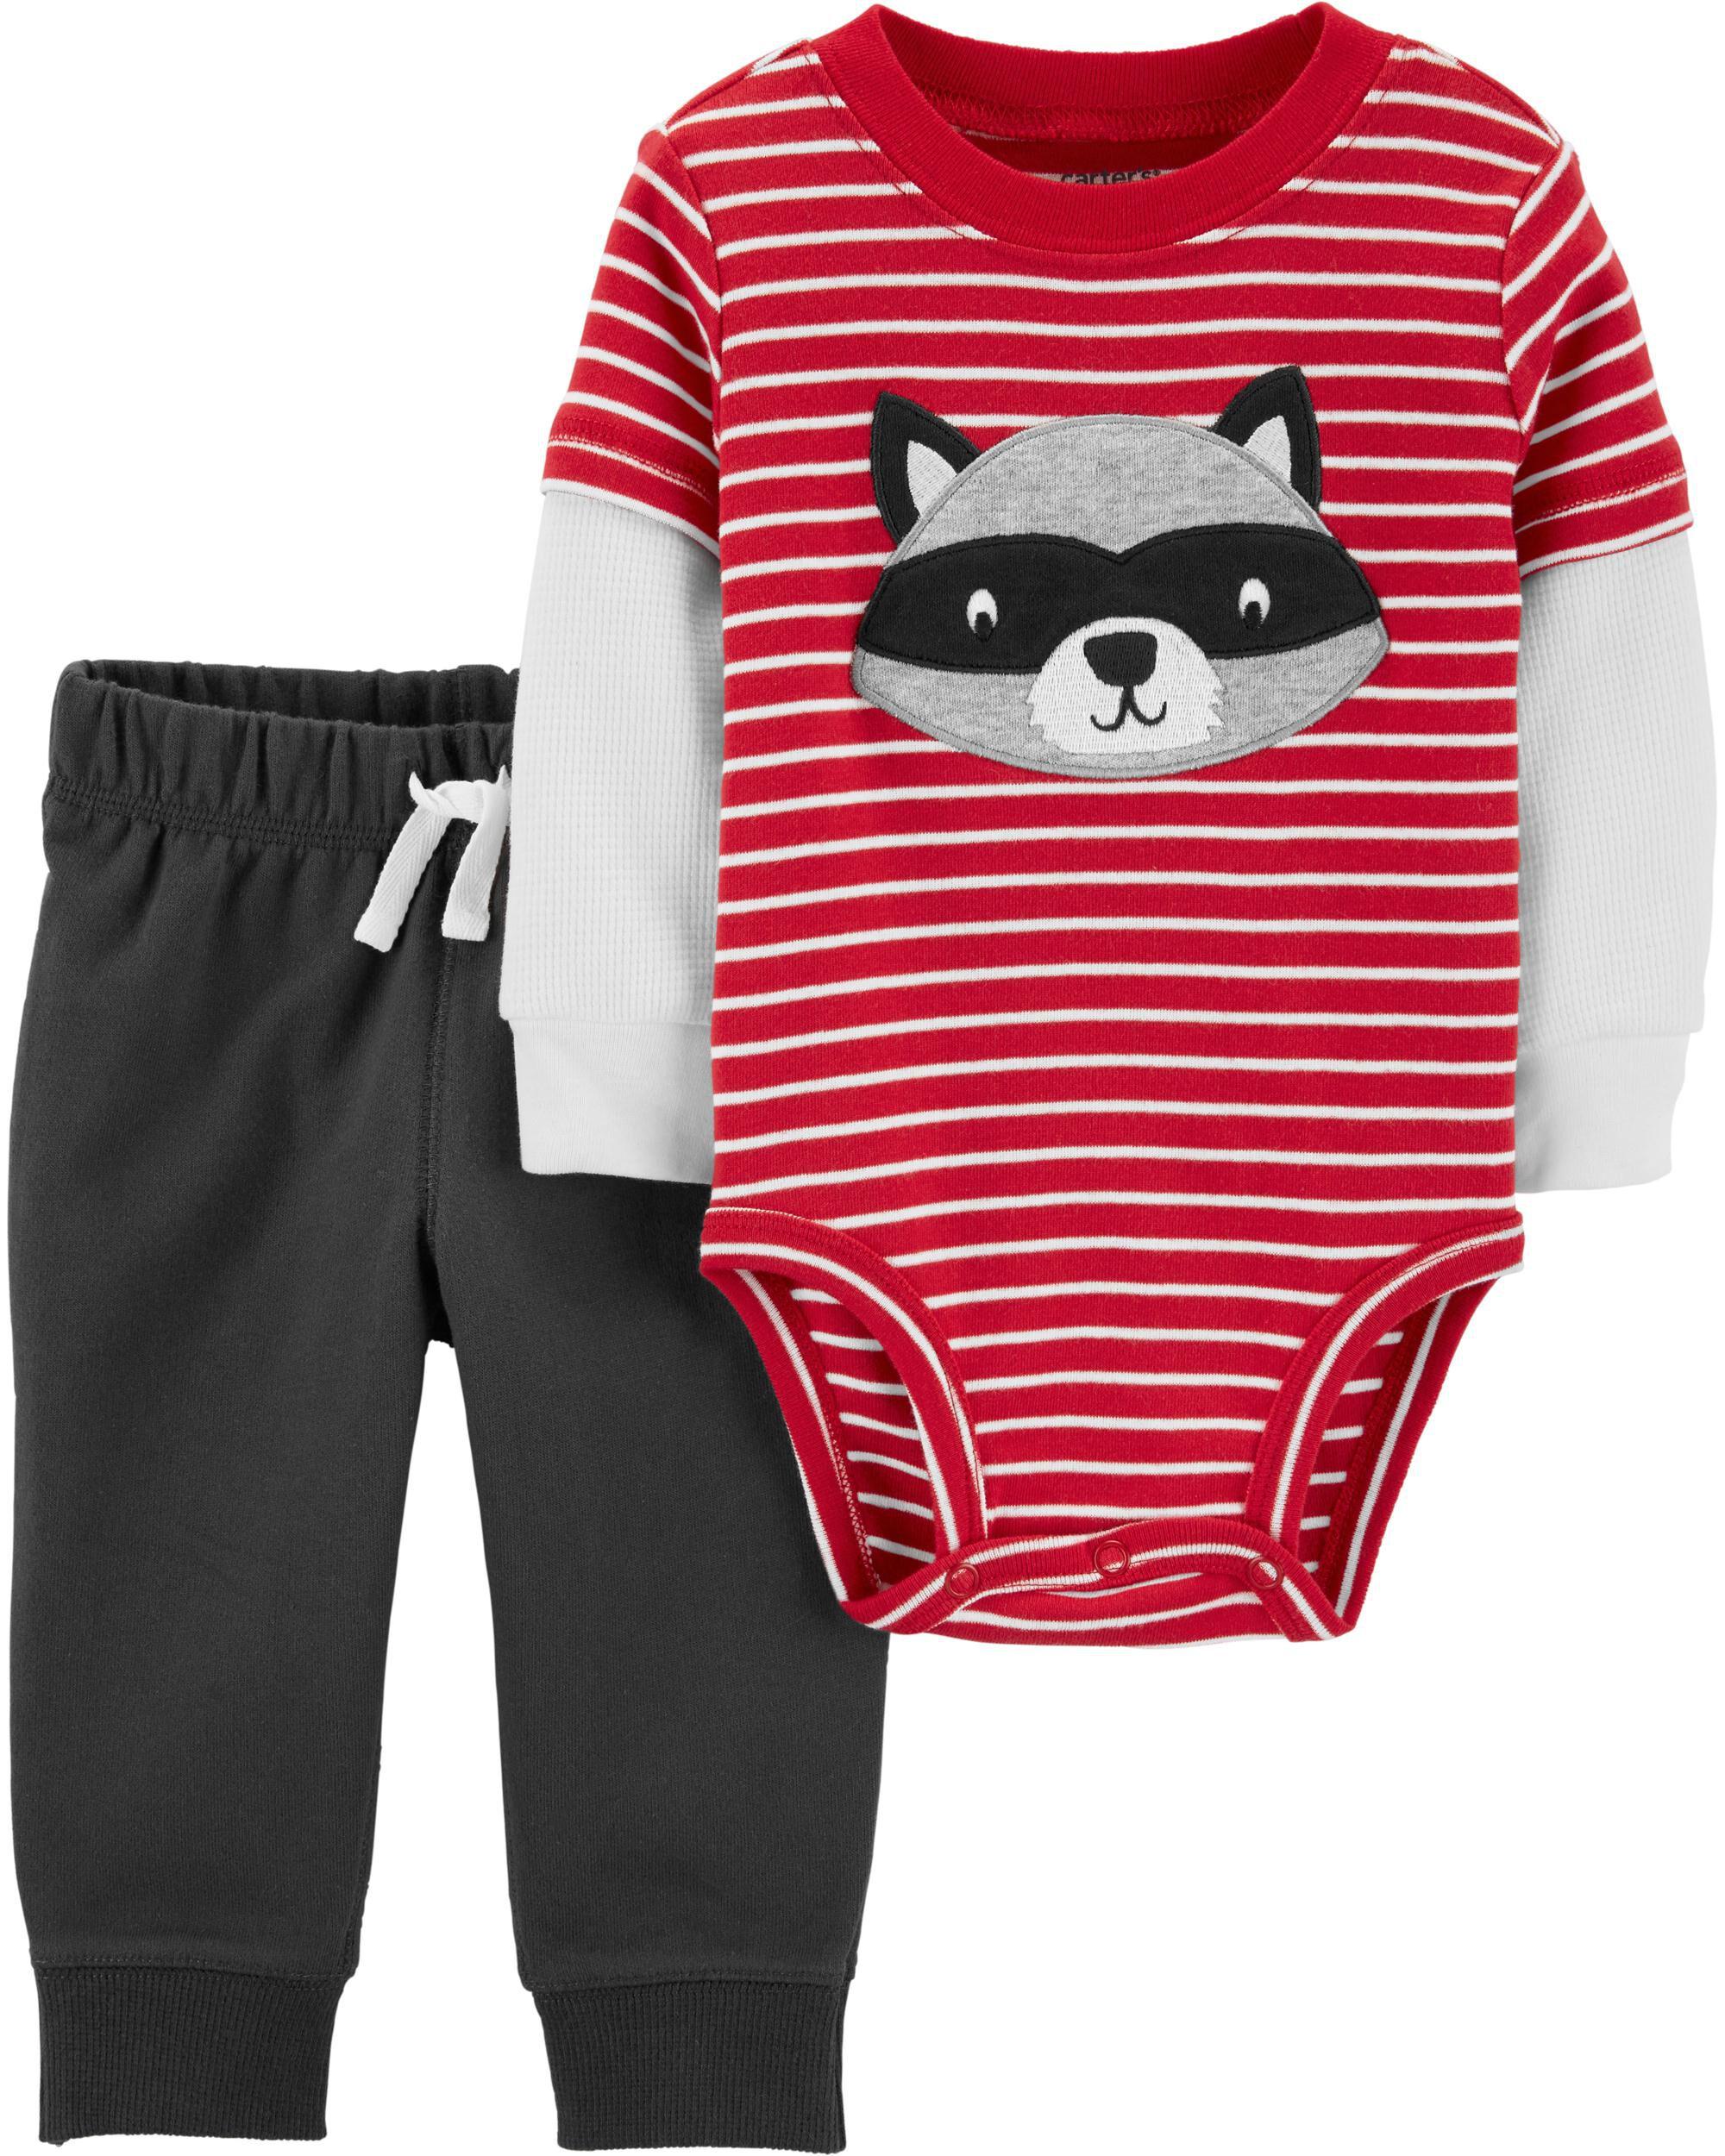 *DOORBUSTER* 2-Piece Raccoon Layered-Look Bodysuit Pant Set